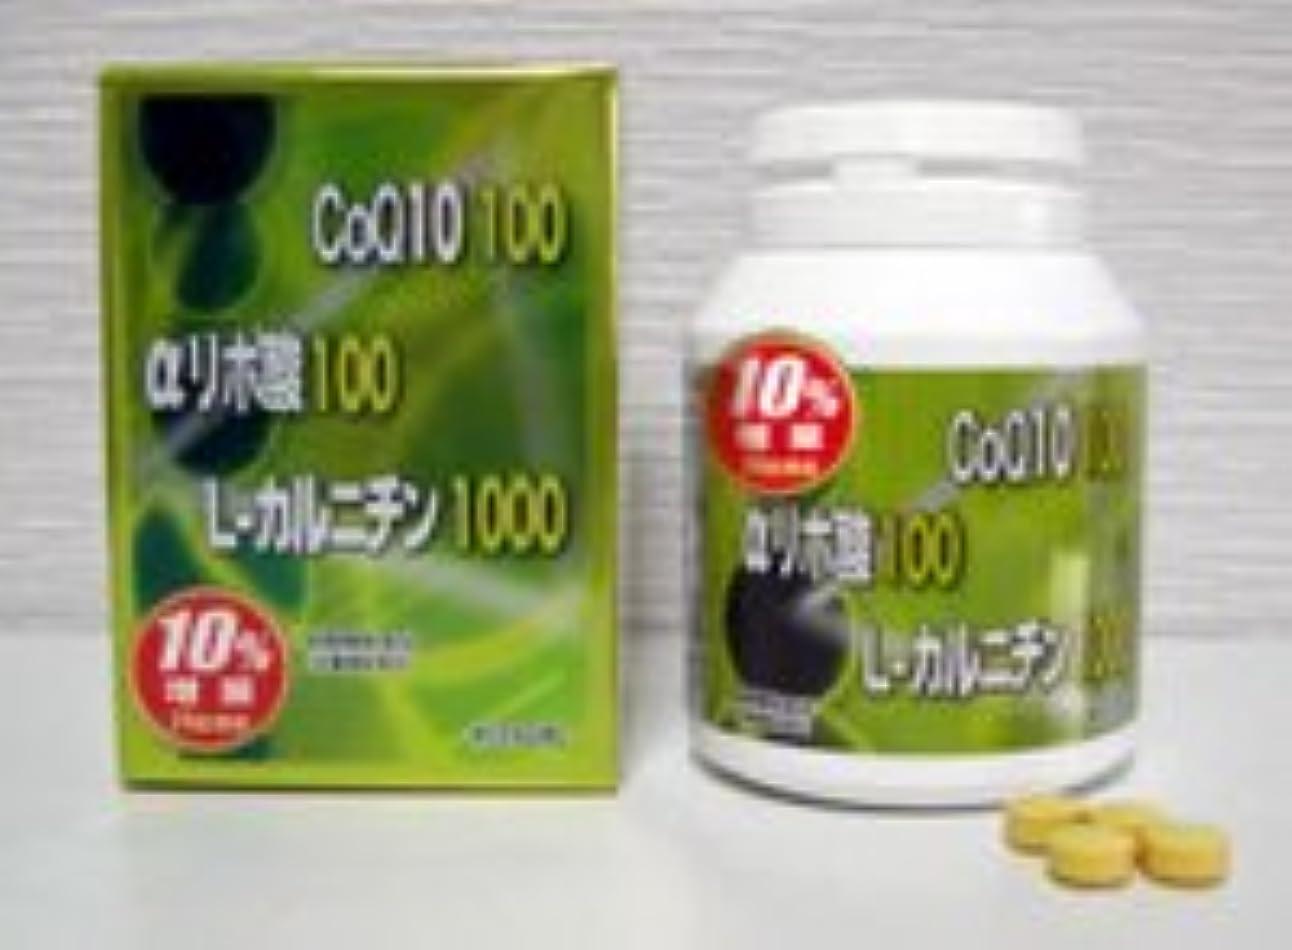 キルススカイペーストダイエットサプリ CoQ10+αリポ酸+L-カルニチン 102.96g(390mg×約264粒)